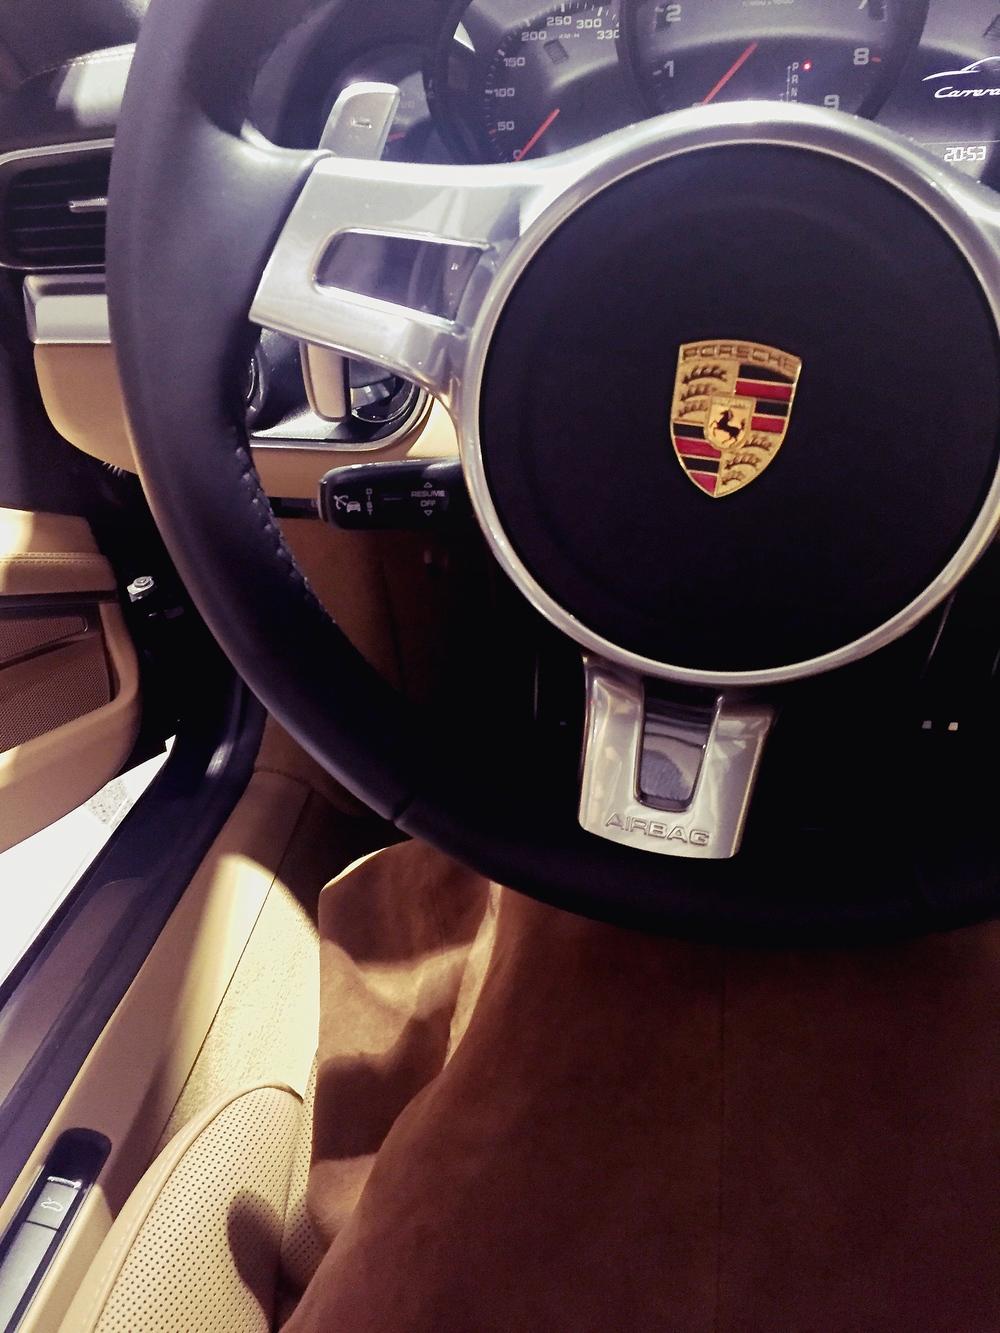 Det skjørtet matcher jo Porschen og..:)